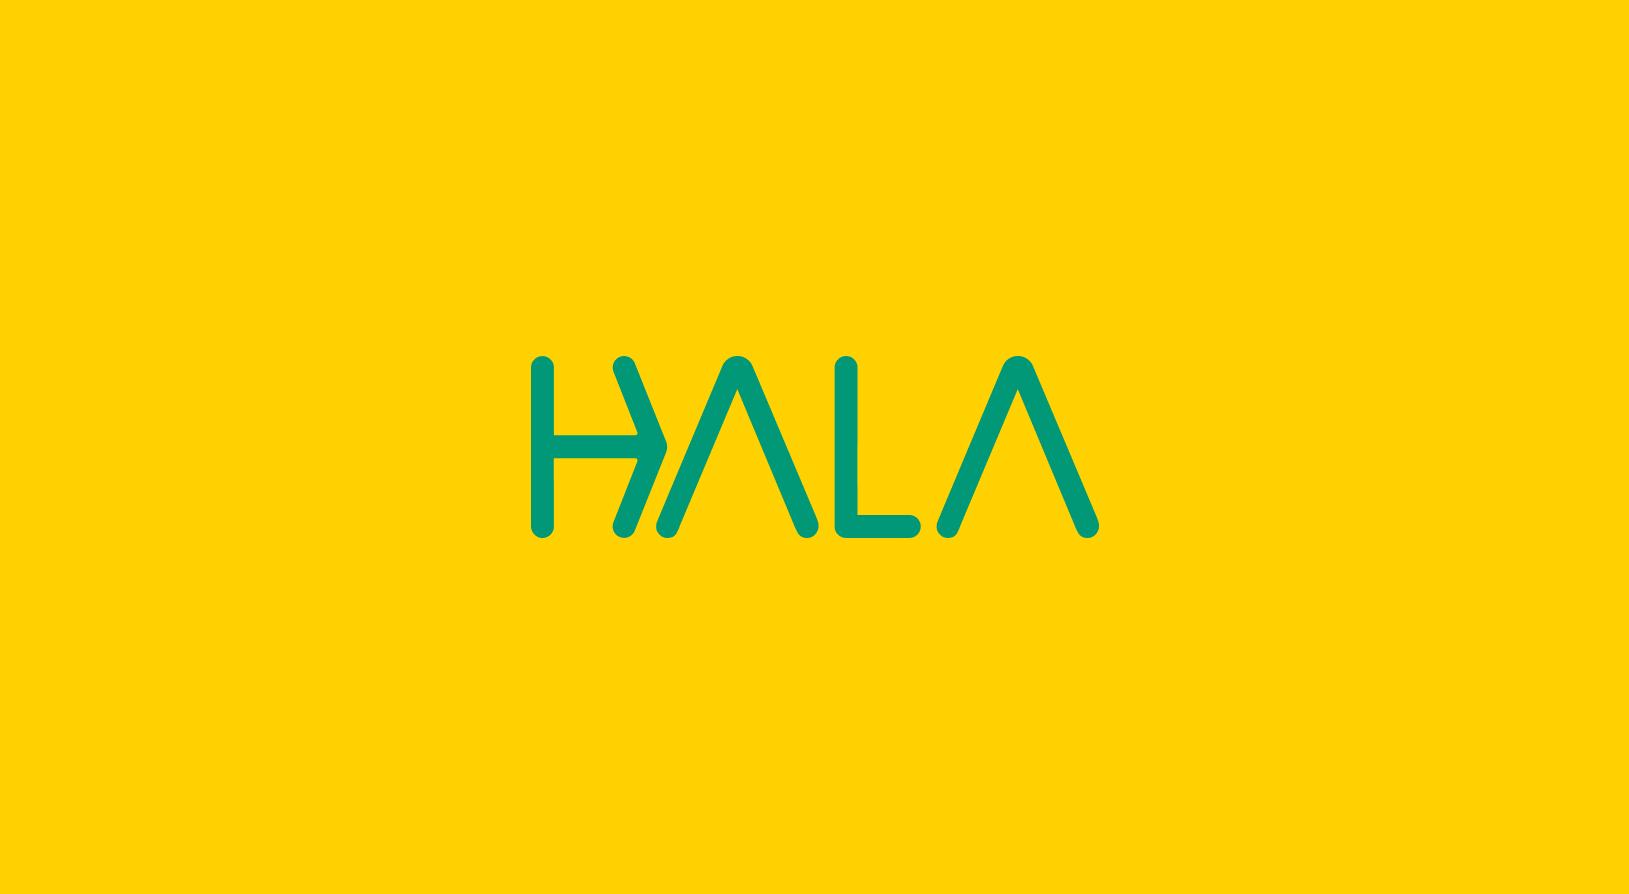 باستثمارات بلغت 6.5 مليون دولار .. ومضة تشارك في جولة استثمارية لـ Hala